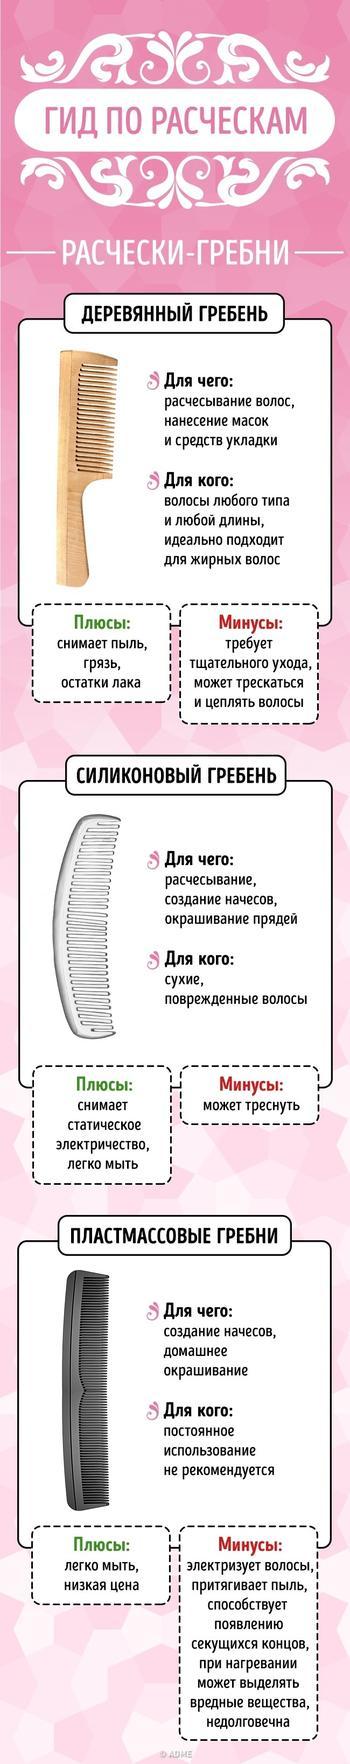 Как подобрать правильную расческу для своего типа волос